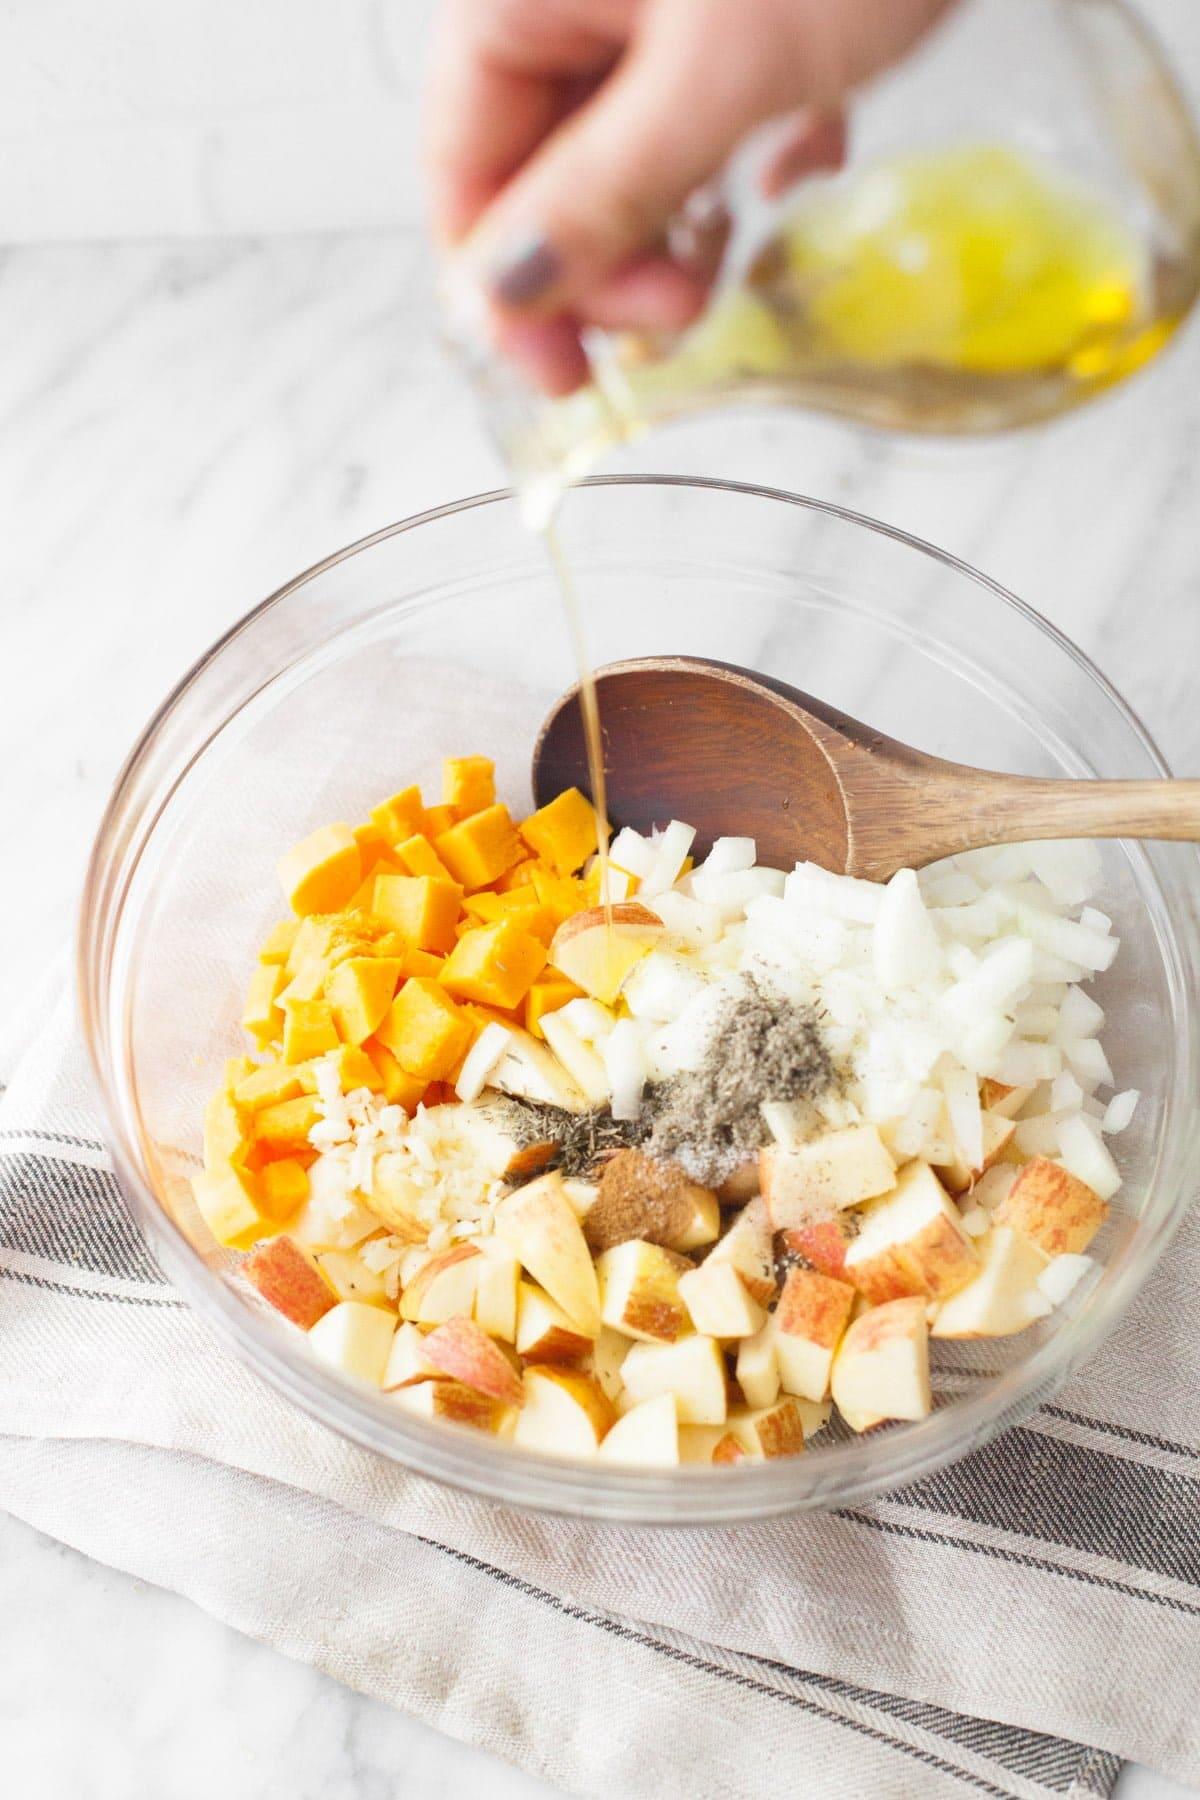 Roasted Apple and Pumpkin Farro Salad